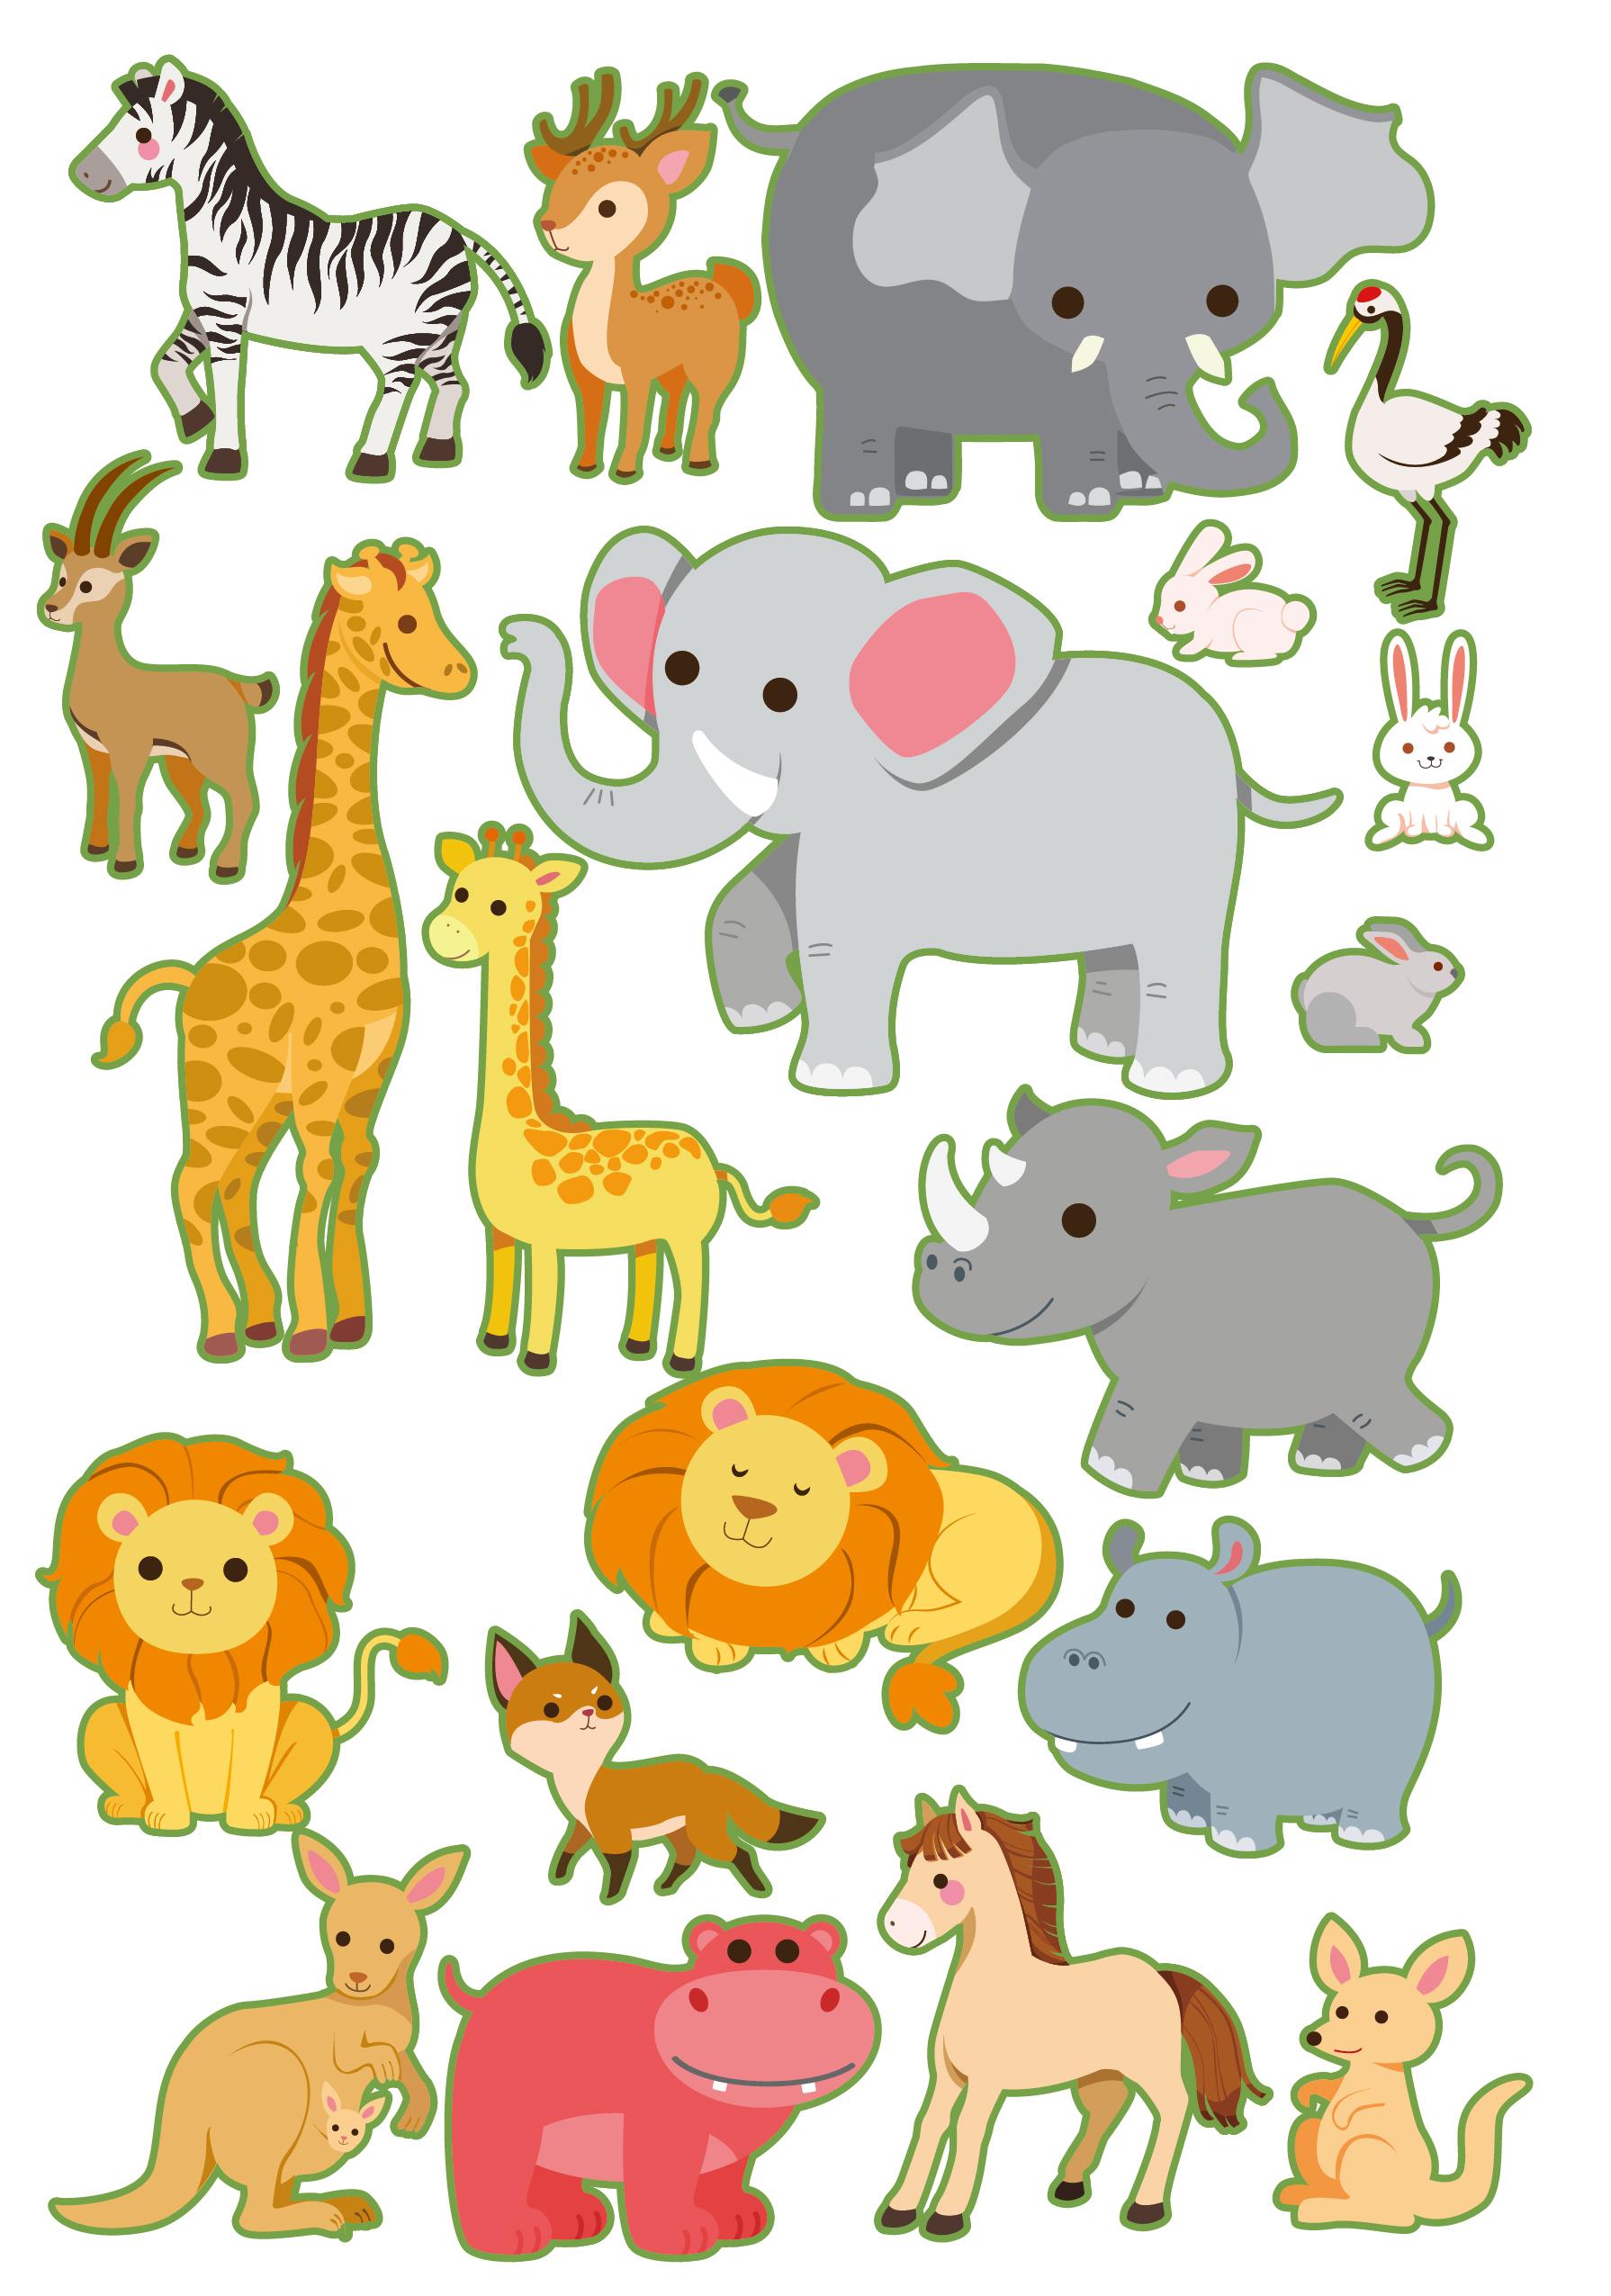 很多动物卡通图